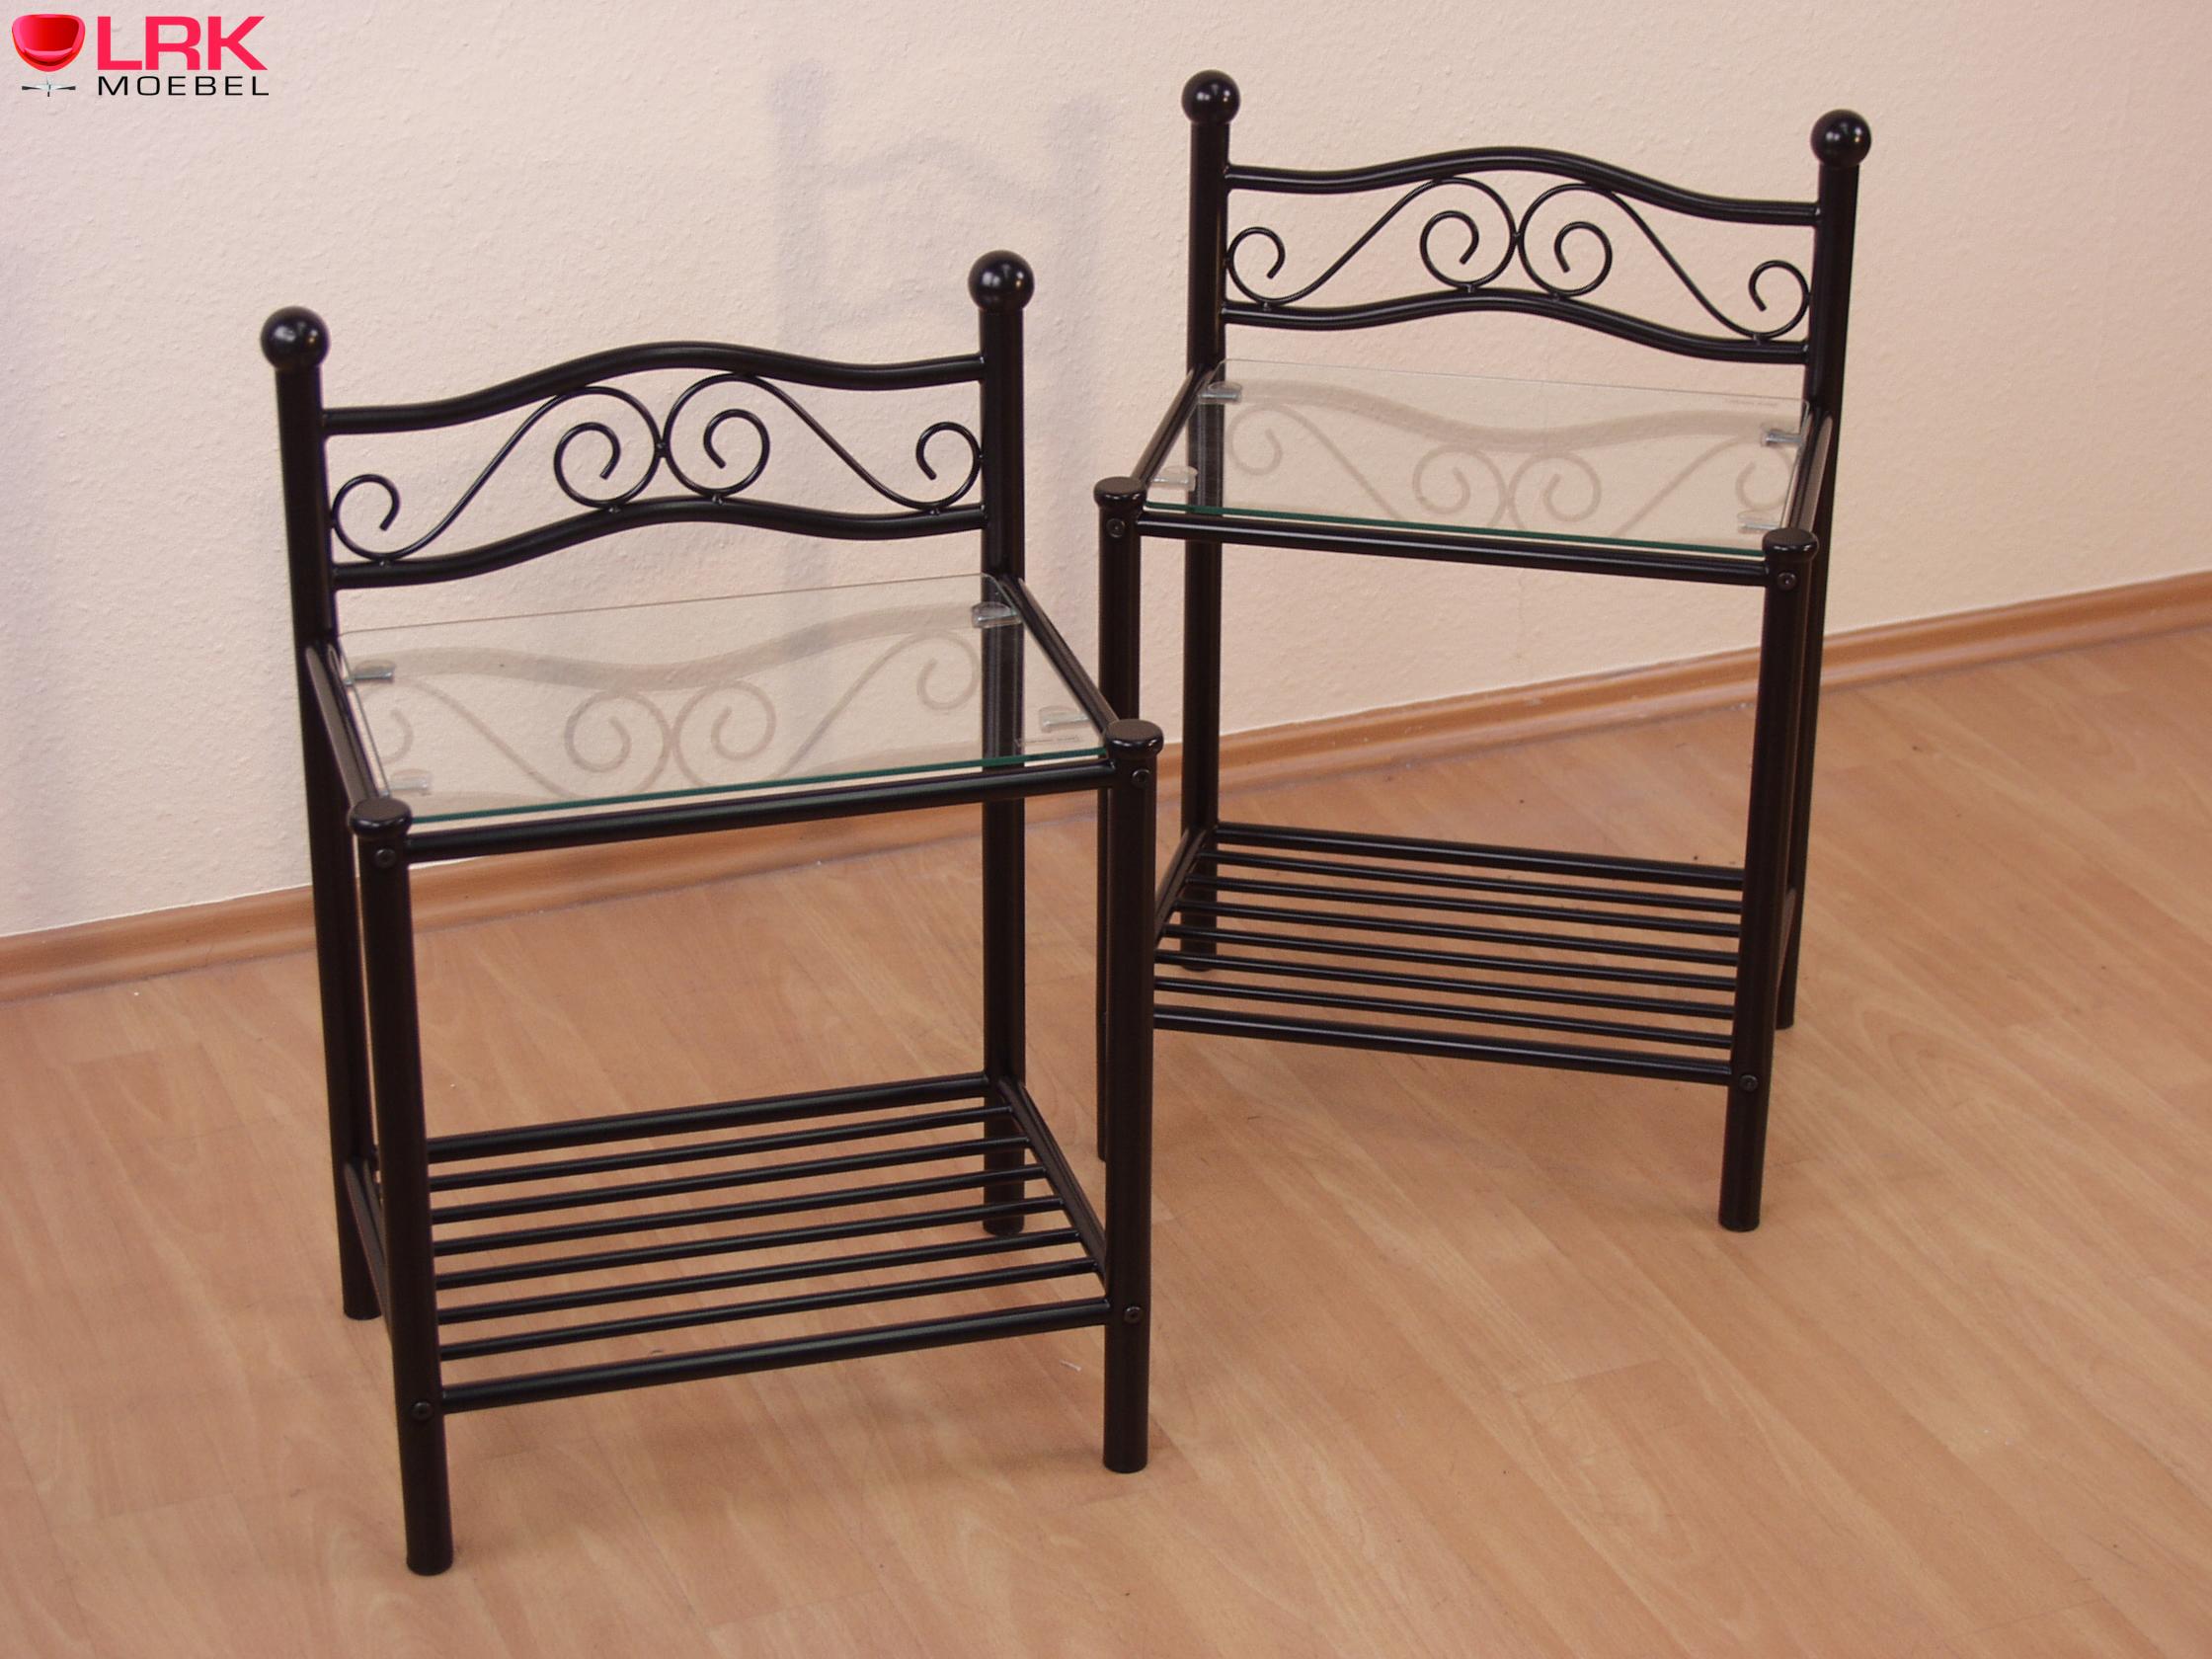 nachtkonsole bettkonsole bett konsole nachttisch metall in 2 farben nachtschrank ebay. Black Bedroom Furniture Sets. Home Design Ideas